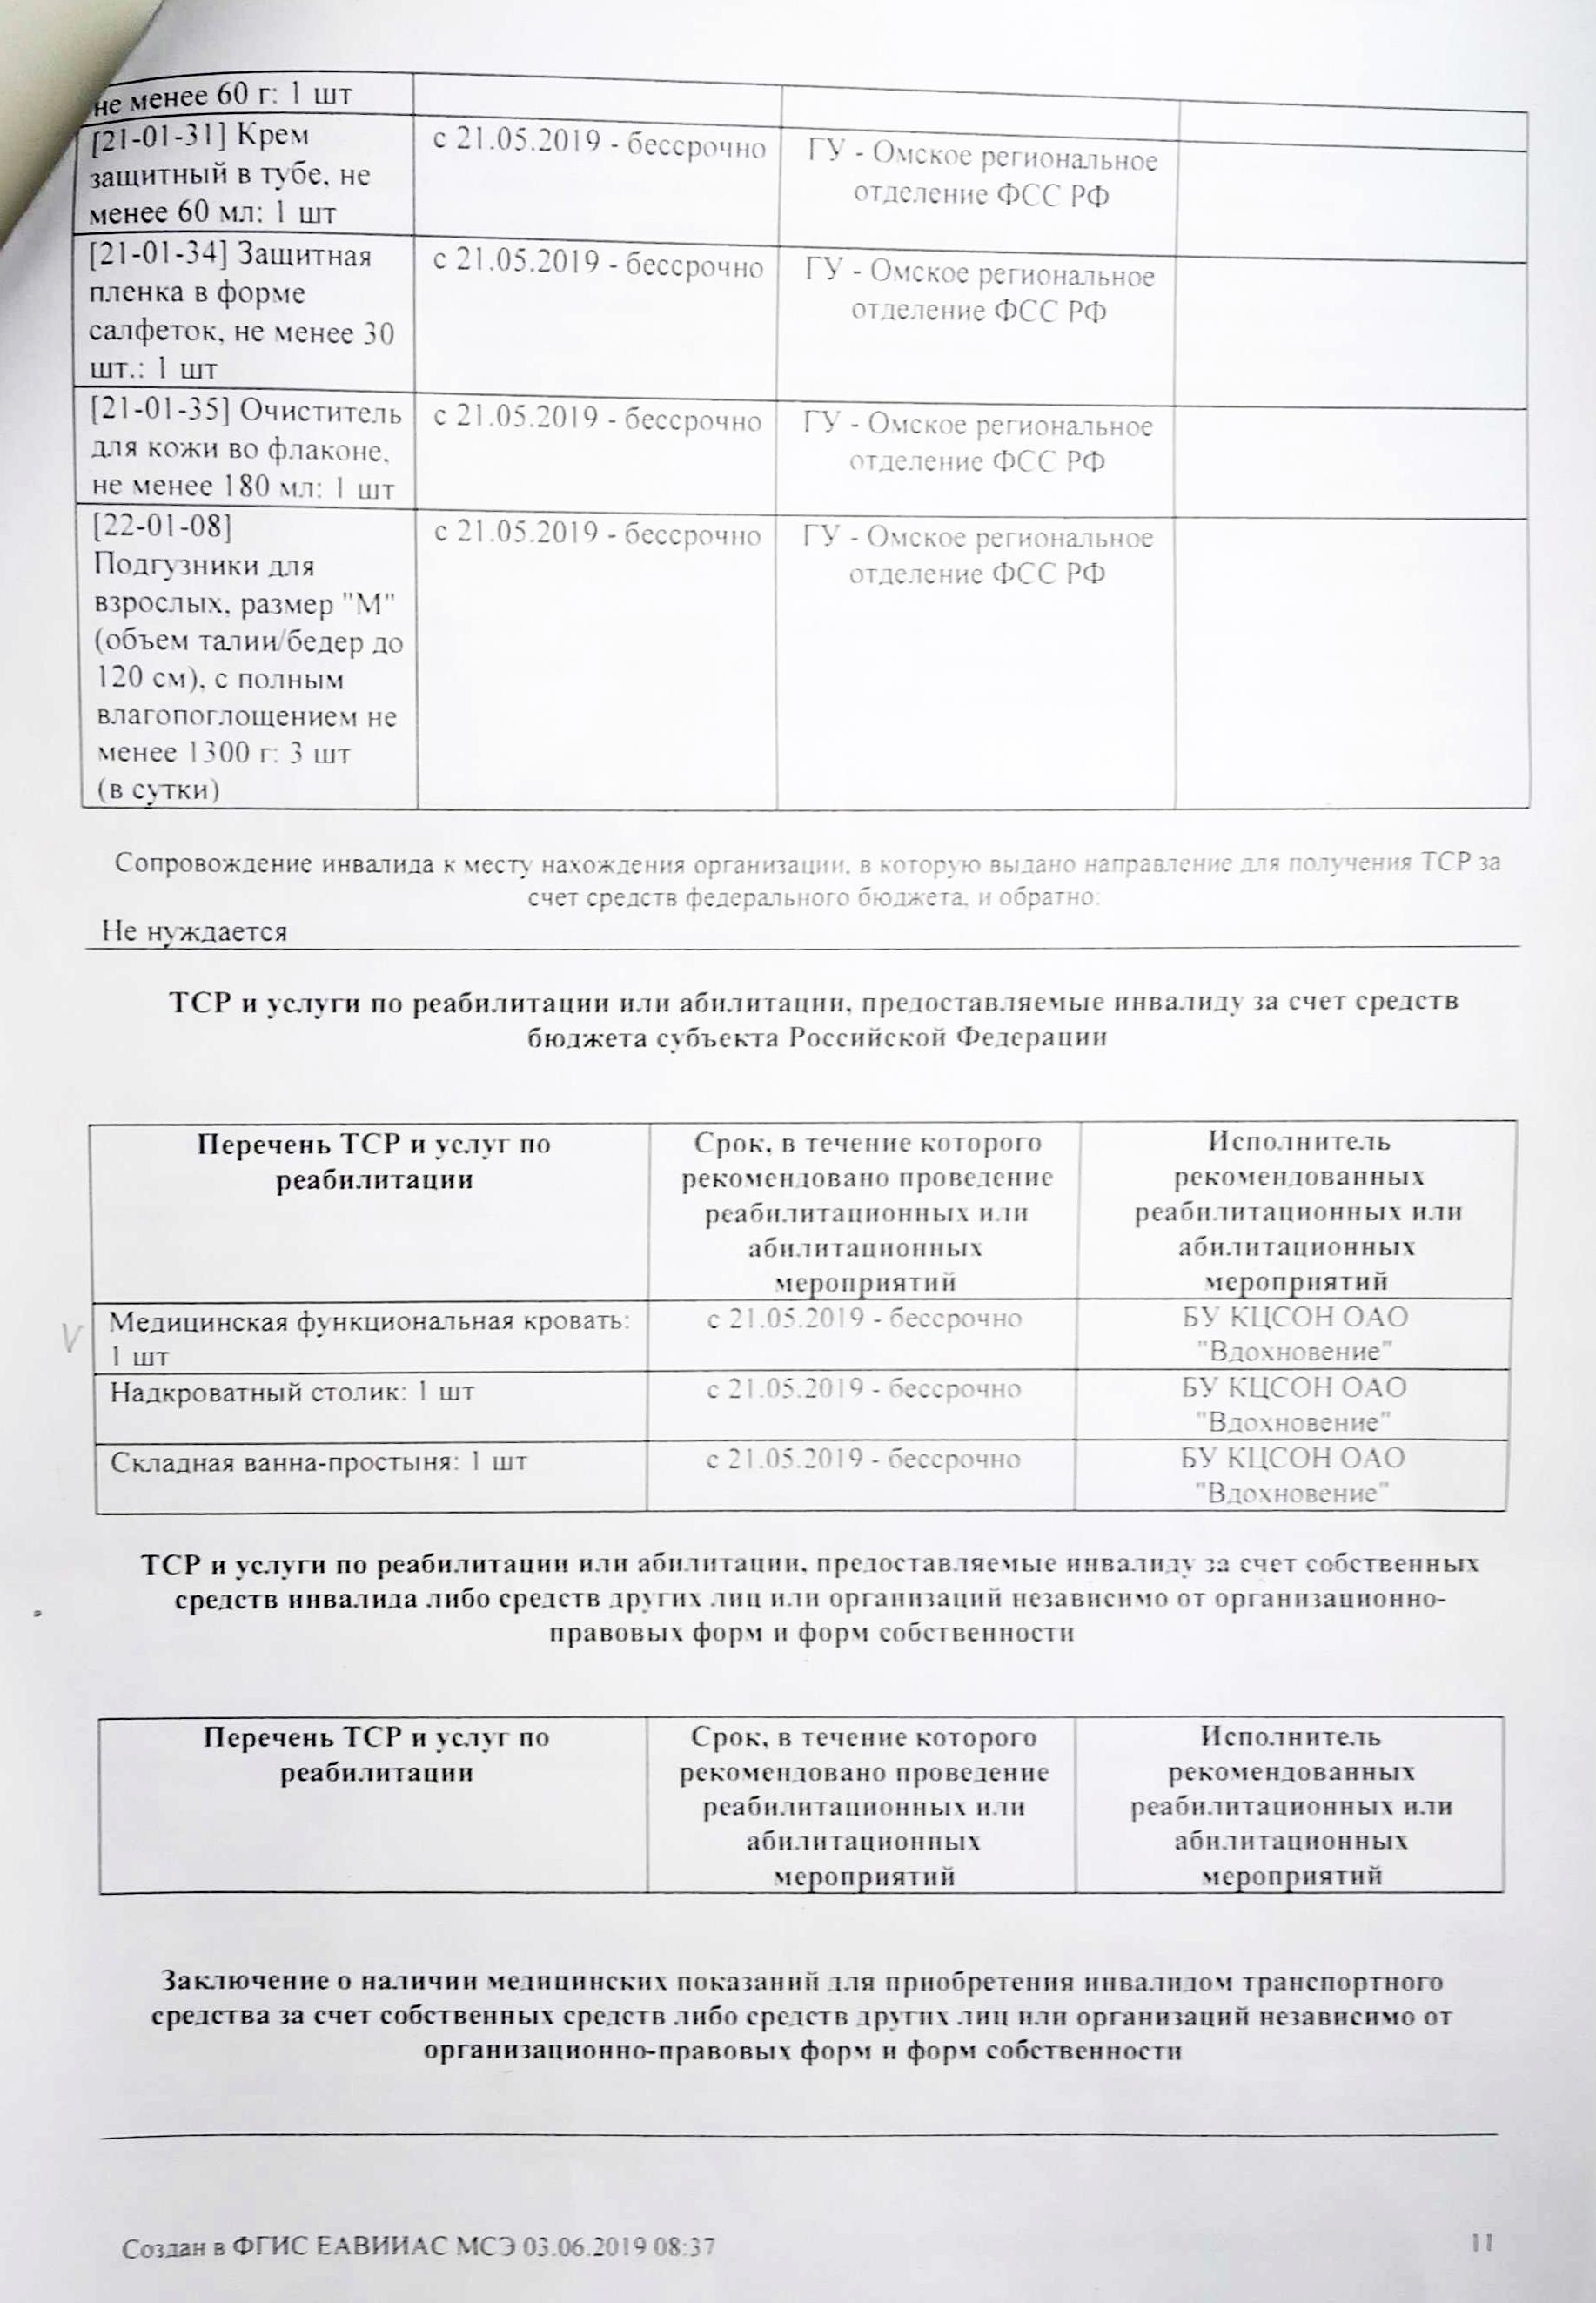 В графе «Исполнитель» вписано, куда обращаться за каждым ТСР: в фонд социального страхования или в комплексный центр социального обслуживания населения